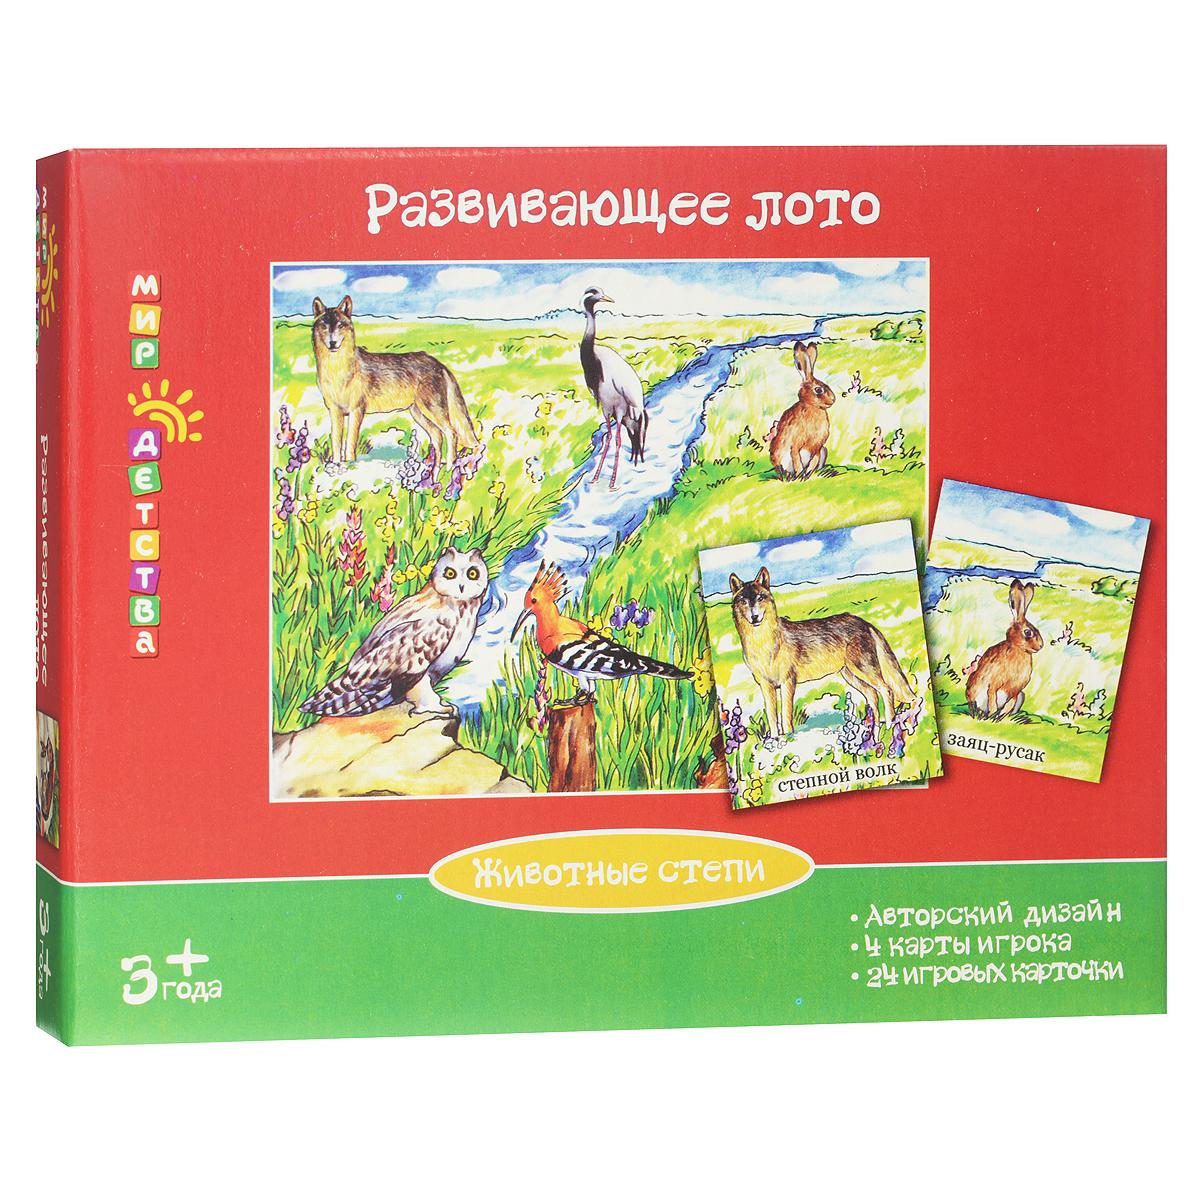 Развивающее лото Животные степи28059Развивающее лото Животные степи понравится вашему ребенку и позволит с пользой провести время. Комплект включает 4 карты игрока, 24 игровых карточки и буклет с правилами игры на русском языке. Элементы лото оформлены изображениями животных степи с соответствующими подписями на карточках. Лото Животные степи является прекрасным материалом для игры, сочетающим в себе достоинство традиционного лото и разрезных картинок. Лото развивает многие способности детей: внимание, память и главное - произвольность, т.е. способность соблюдать общие для всех правила. Знакомство с новыми для ребенка животными в увлекательной игровой форме расширяет кругозор. Данный материал выгодно отличается от традиционного лото тем, что достаточно крупные и выразительные картинки открывают богатые возможности для разнообразных занятий. Их можно складывать в любом порядке, создавать большие картины леса или тайги, можно подбирать соседей, друзей или врагов, сочинять с ними разные истории и так далее....